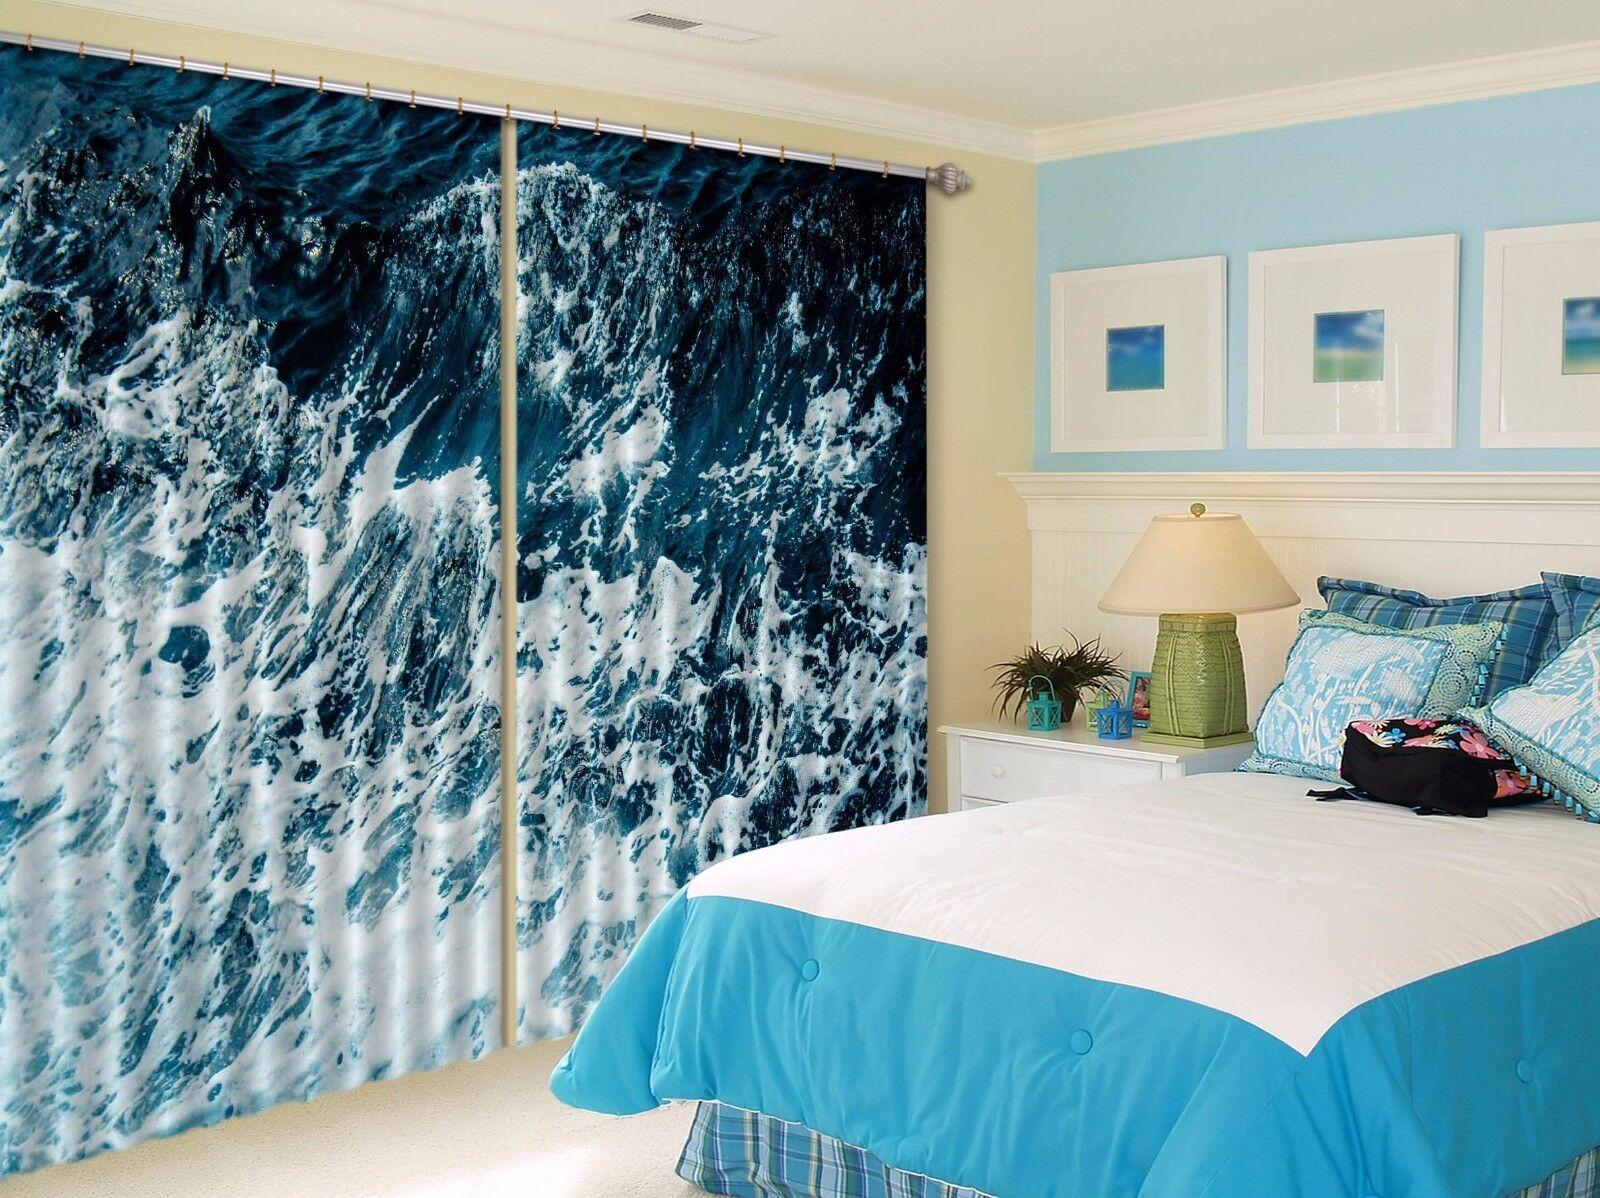 Vista de onda 3D 335 Cortinas de impresión de cortina de foto Blockout Tela Cortinas Ventana Reino Unido